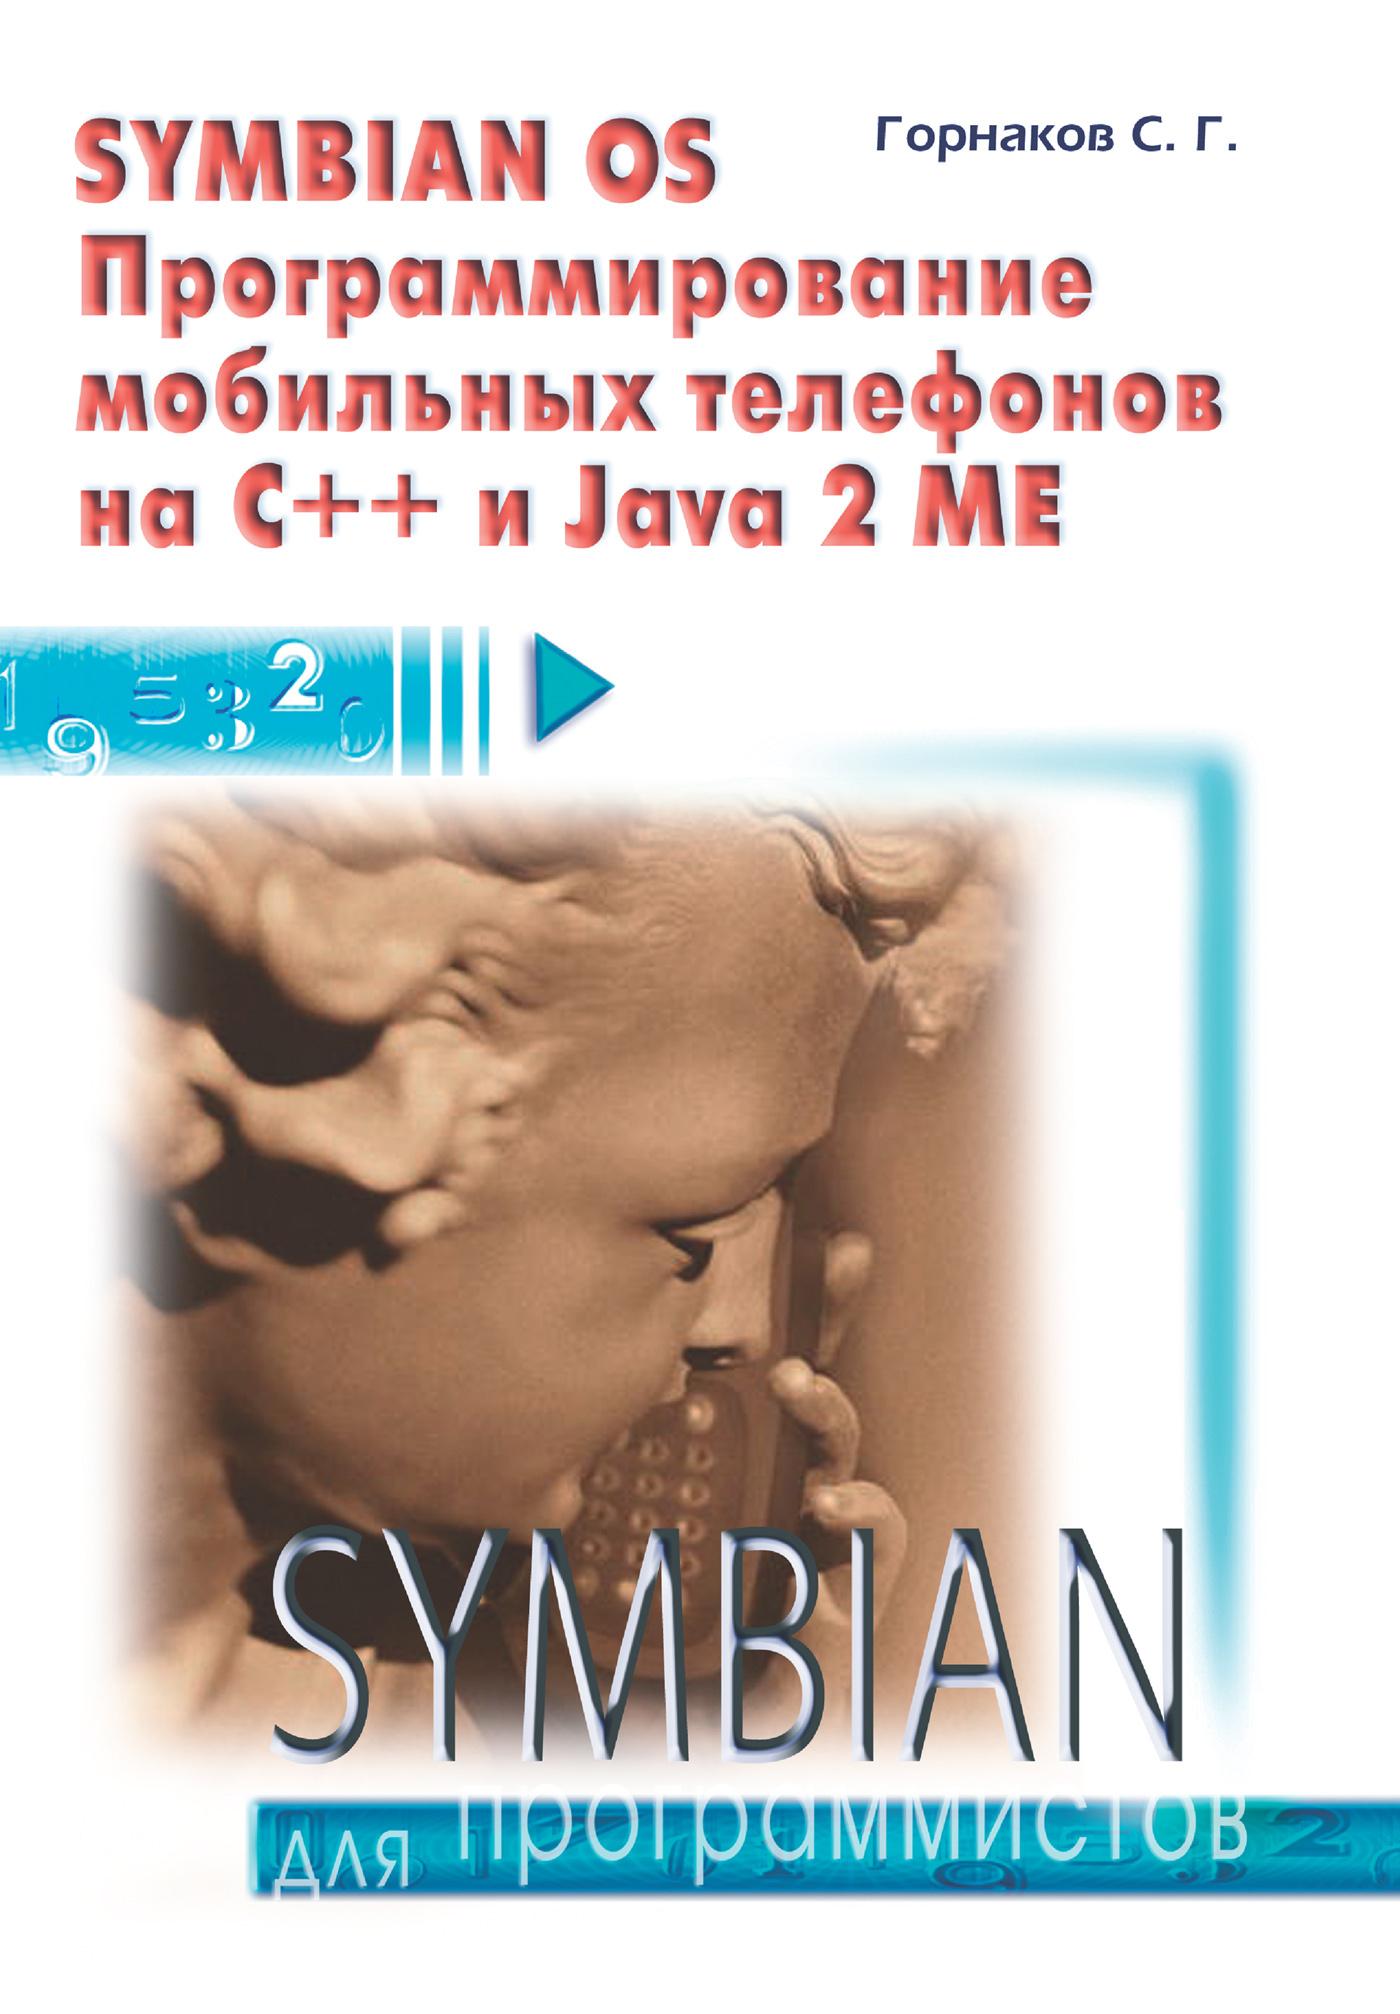 Станислав Горнаков «Symbian OS. Программирование мобильных телефонов на C++ и Java 2 ME»